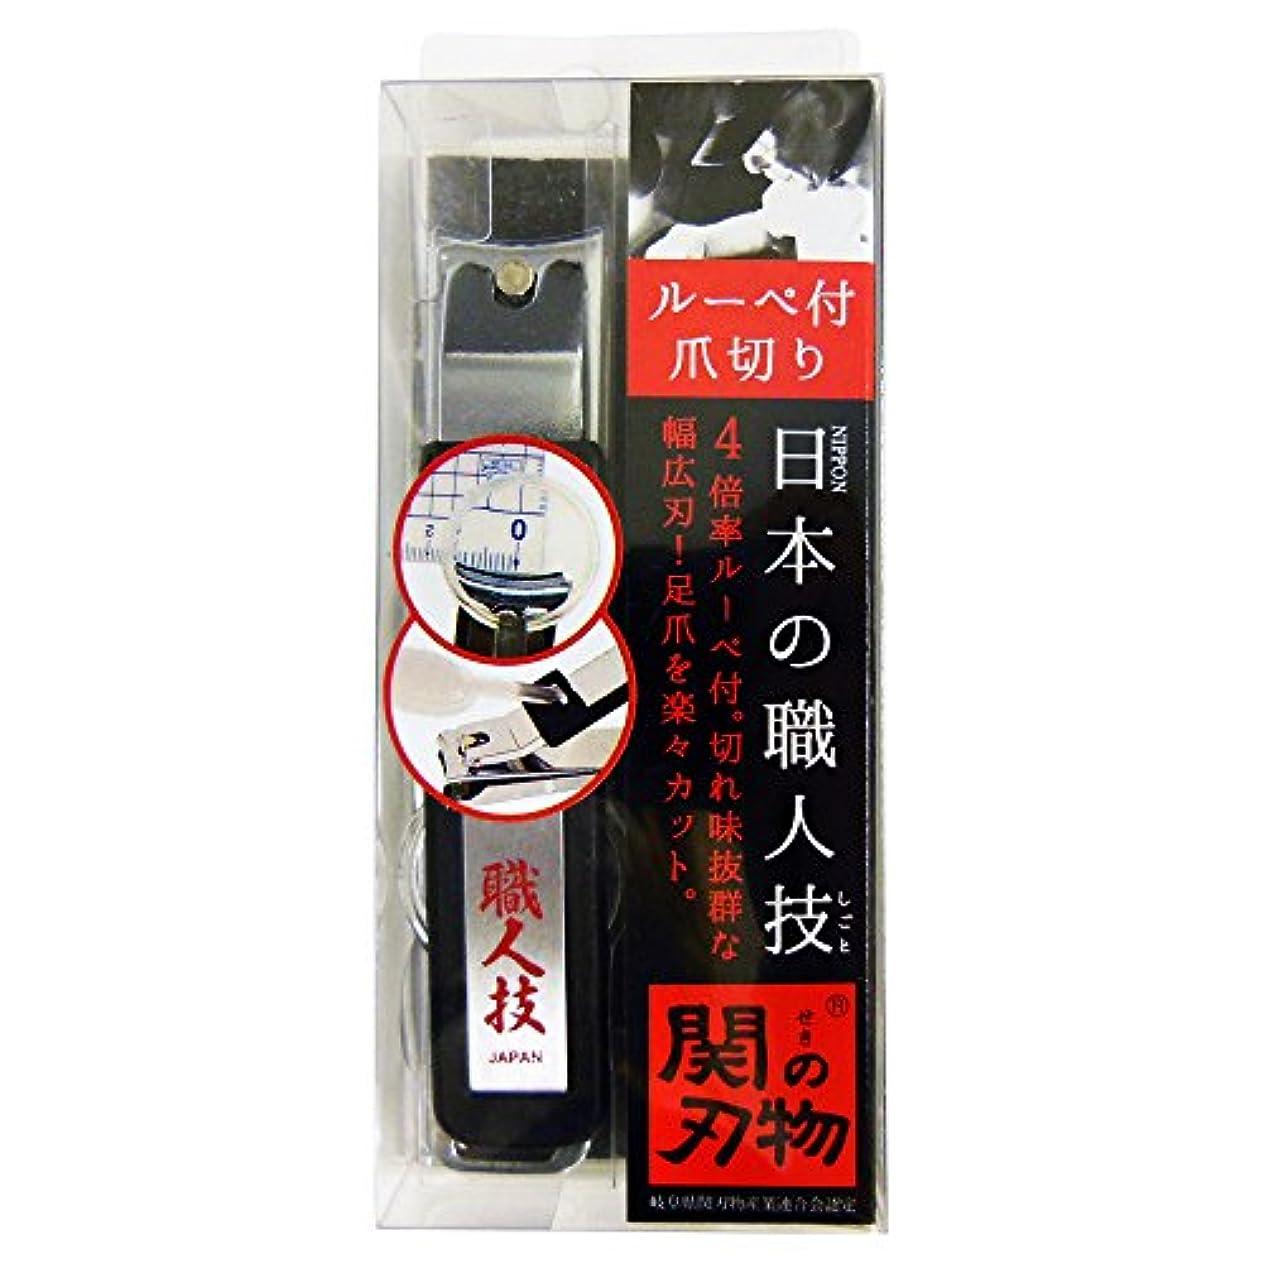 戦う楽しませる球体関の刃物 ルーペ付爪切り SK-07 (1個入)